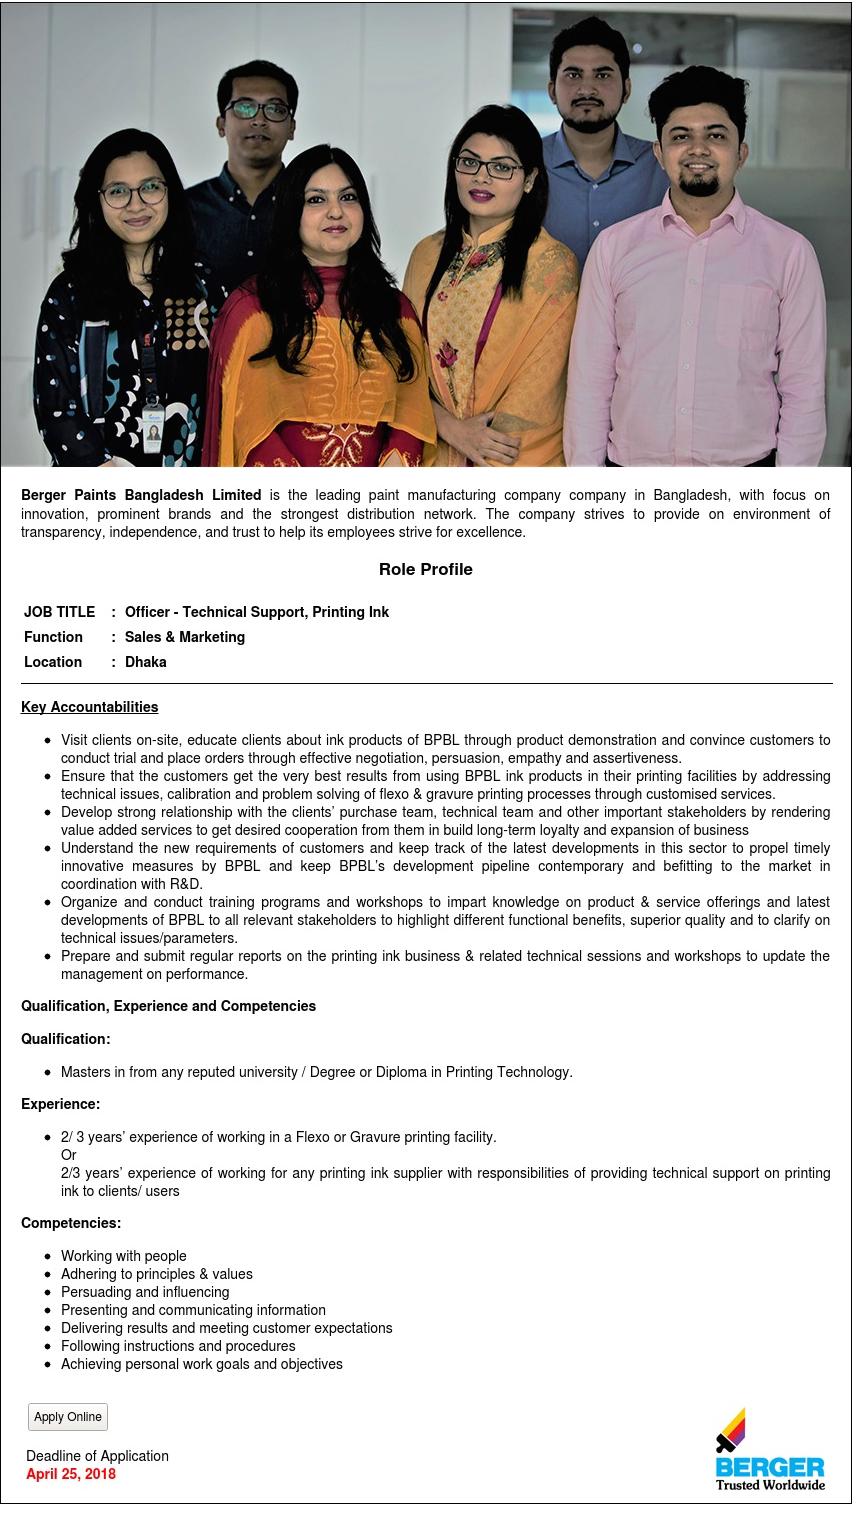 Berger Paints Bangladesh Job Circular 2018